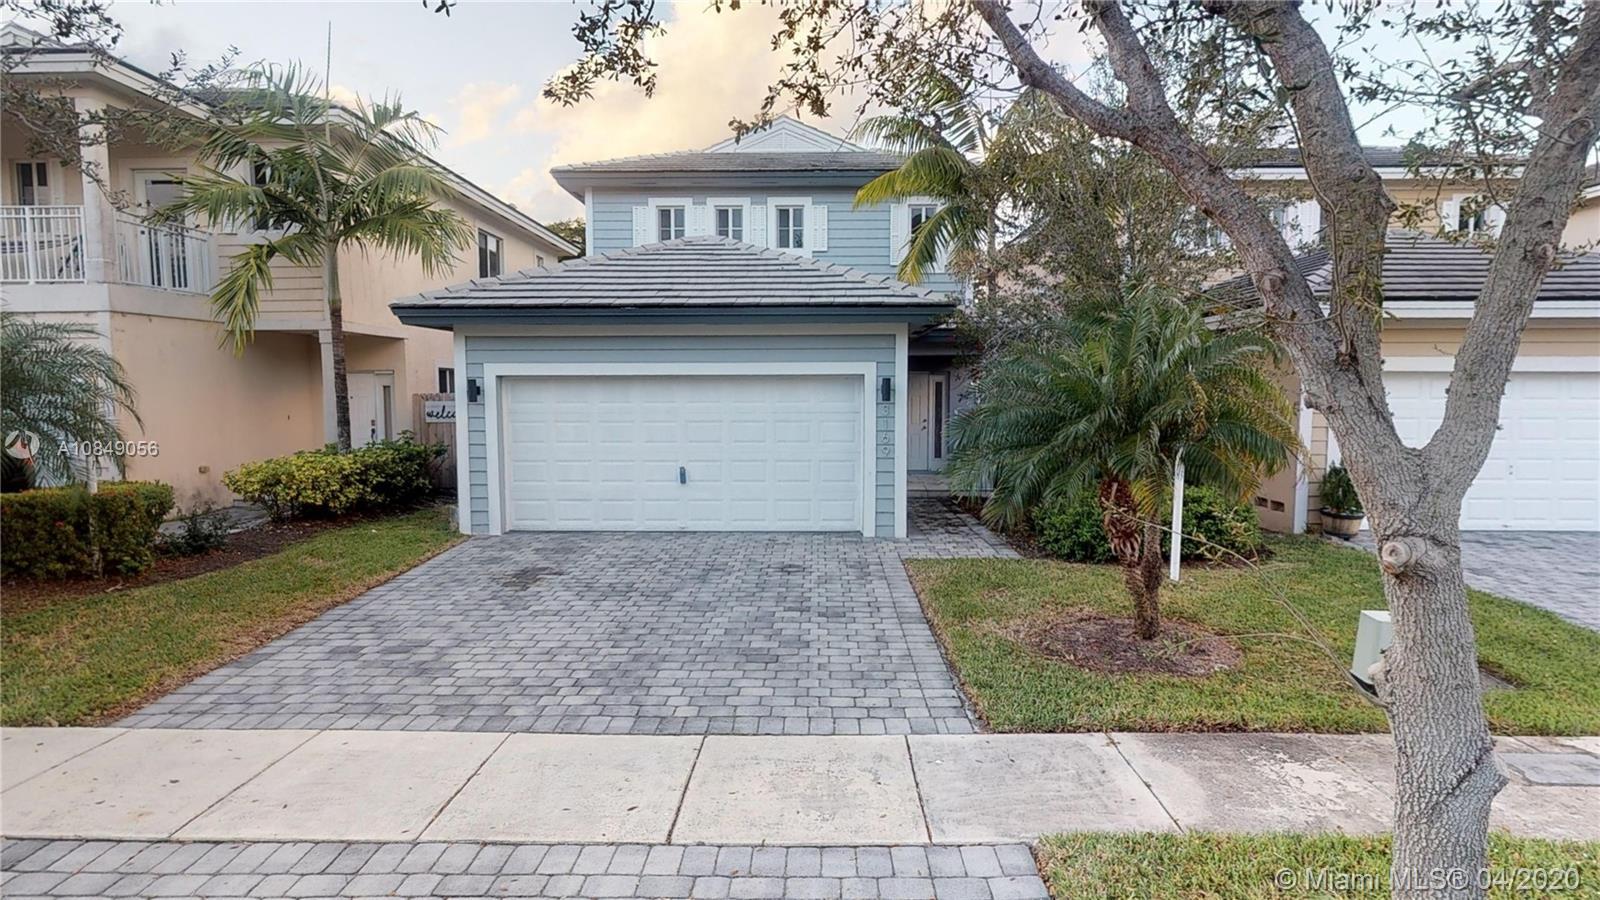 3169 SE 2nd Dr, Homestead, FL 33033 - Homestead, FL real estate listing